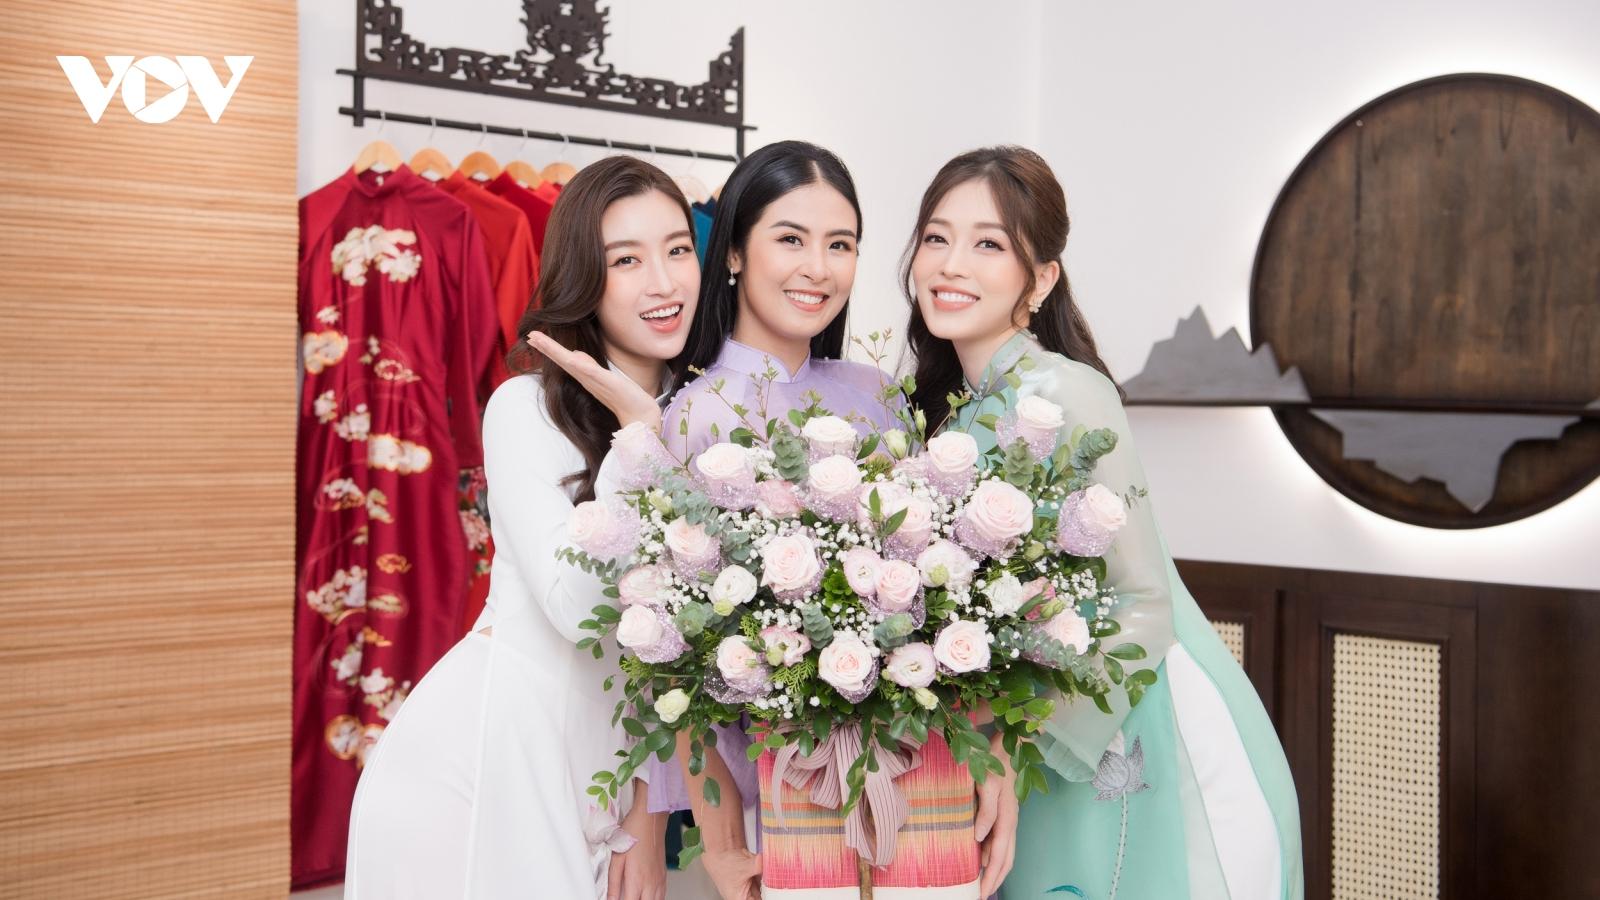 Đỗ Mỹ Linh, Phương Nga chúc mừng Hoa hậu Ngọc Hân khai trương cửa hàng áo dài mới